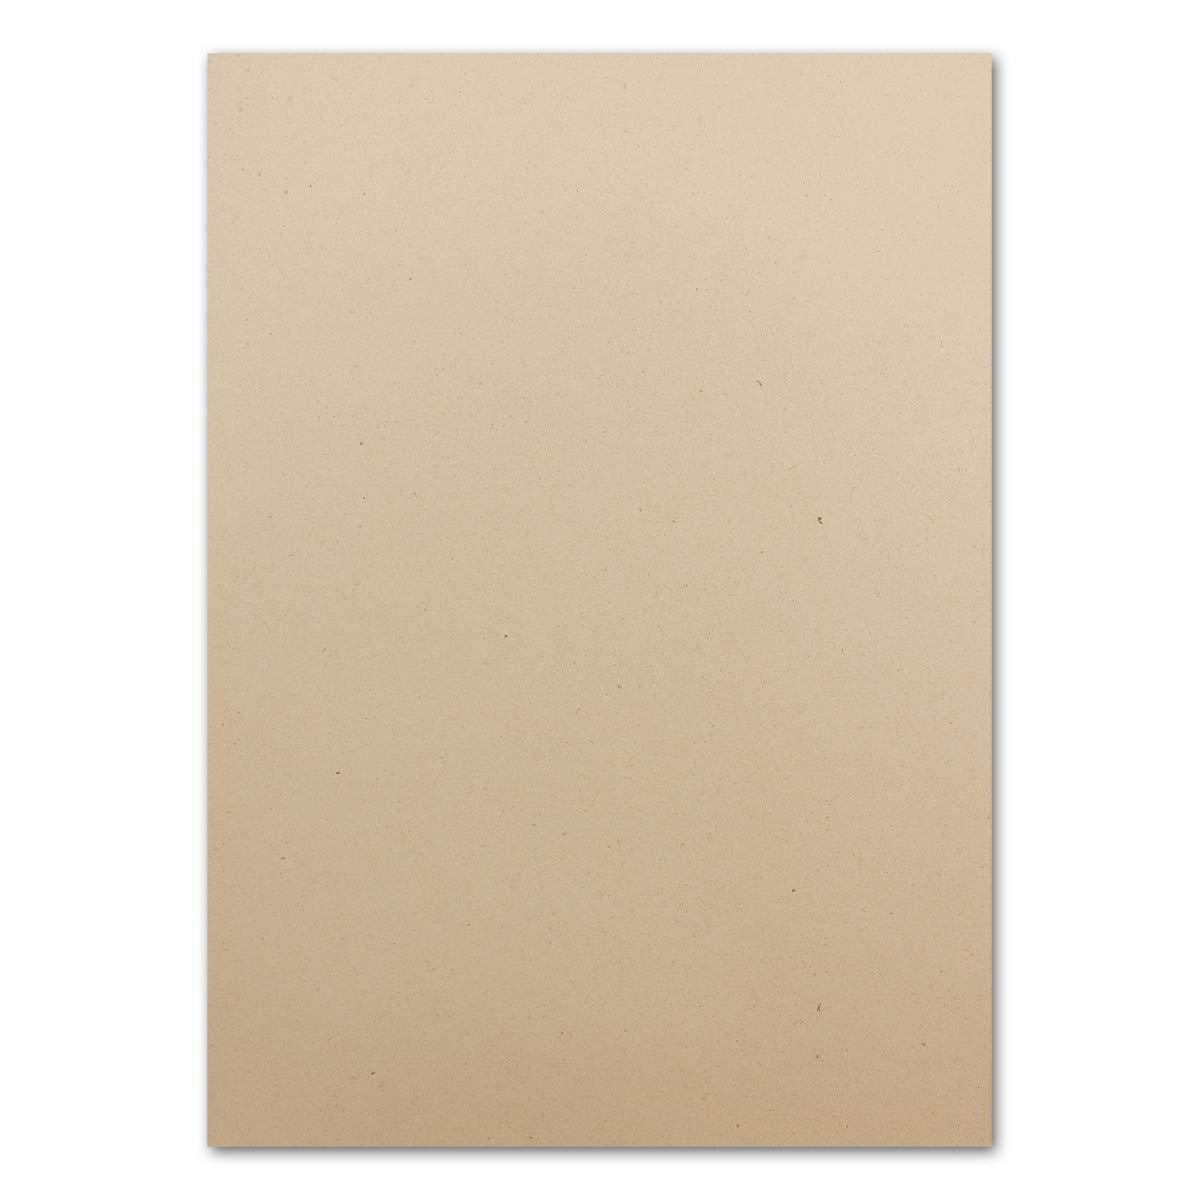 500 Naturpapier - Öko-Papier mit Lederanteil - 180 g m² - Sandfarben -100% Recycle-kompostierbar - FSC Zertifiziert - UPCYCLING - Glüxx-Agent B07PFC62CF | Lebhaft und liebenswert